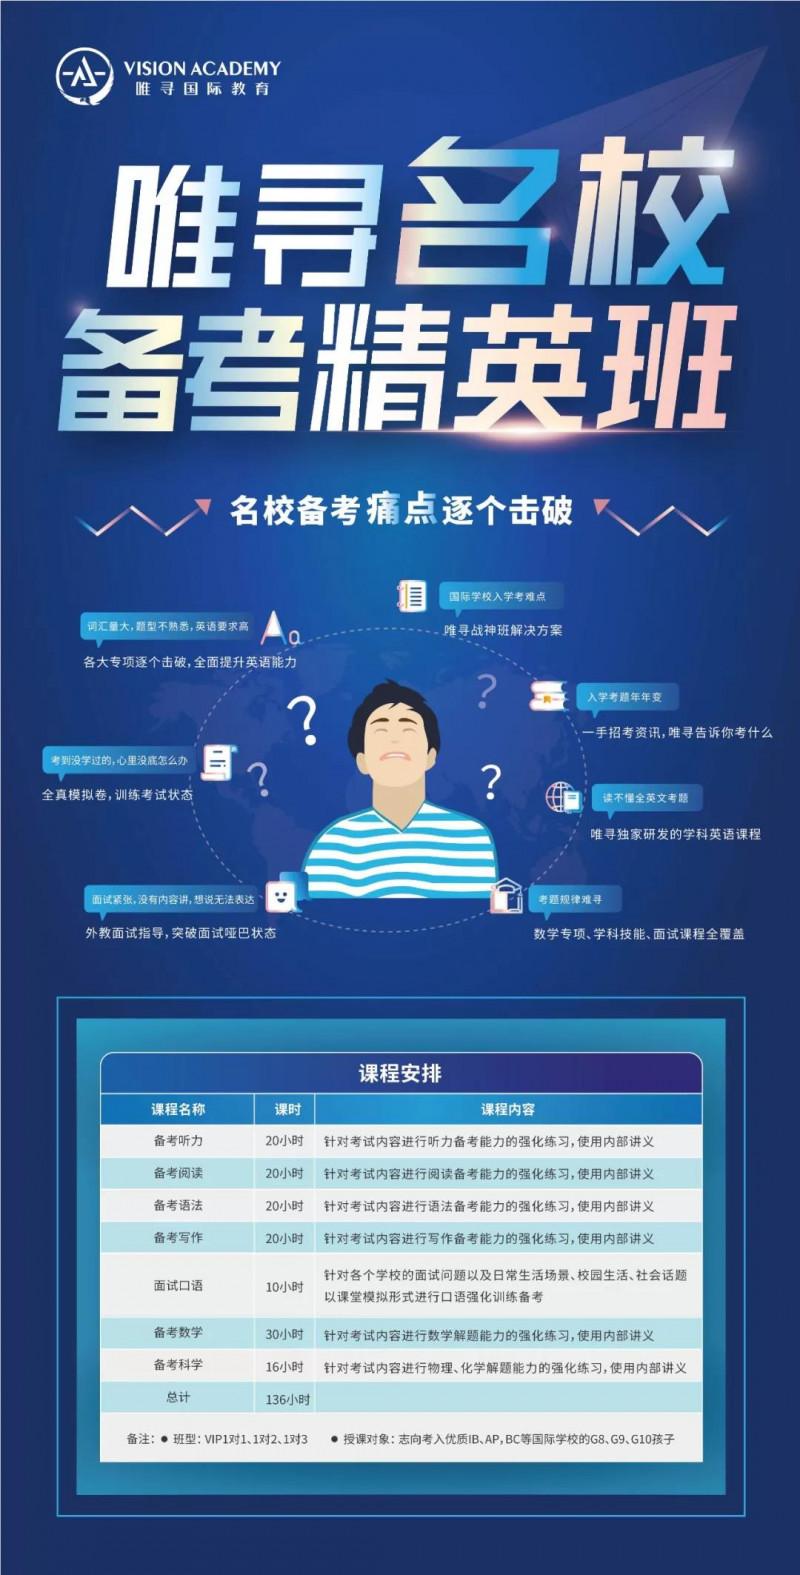 2021上海国际学校秋招时间汇总,领科 包玉刚 光剑的入学考试该这样准备内容图片_8